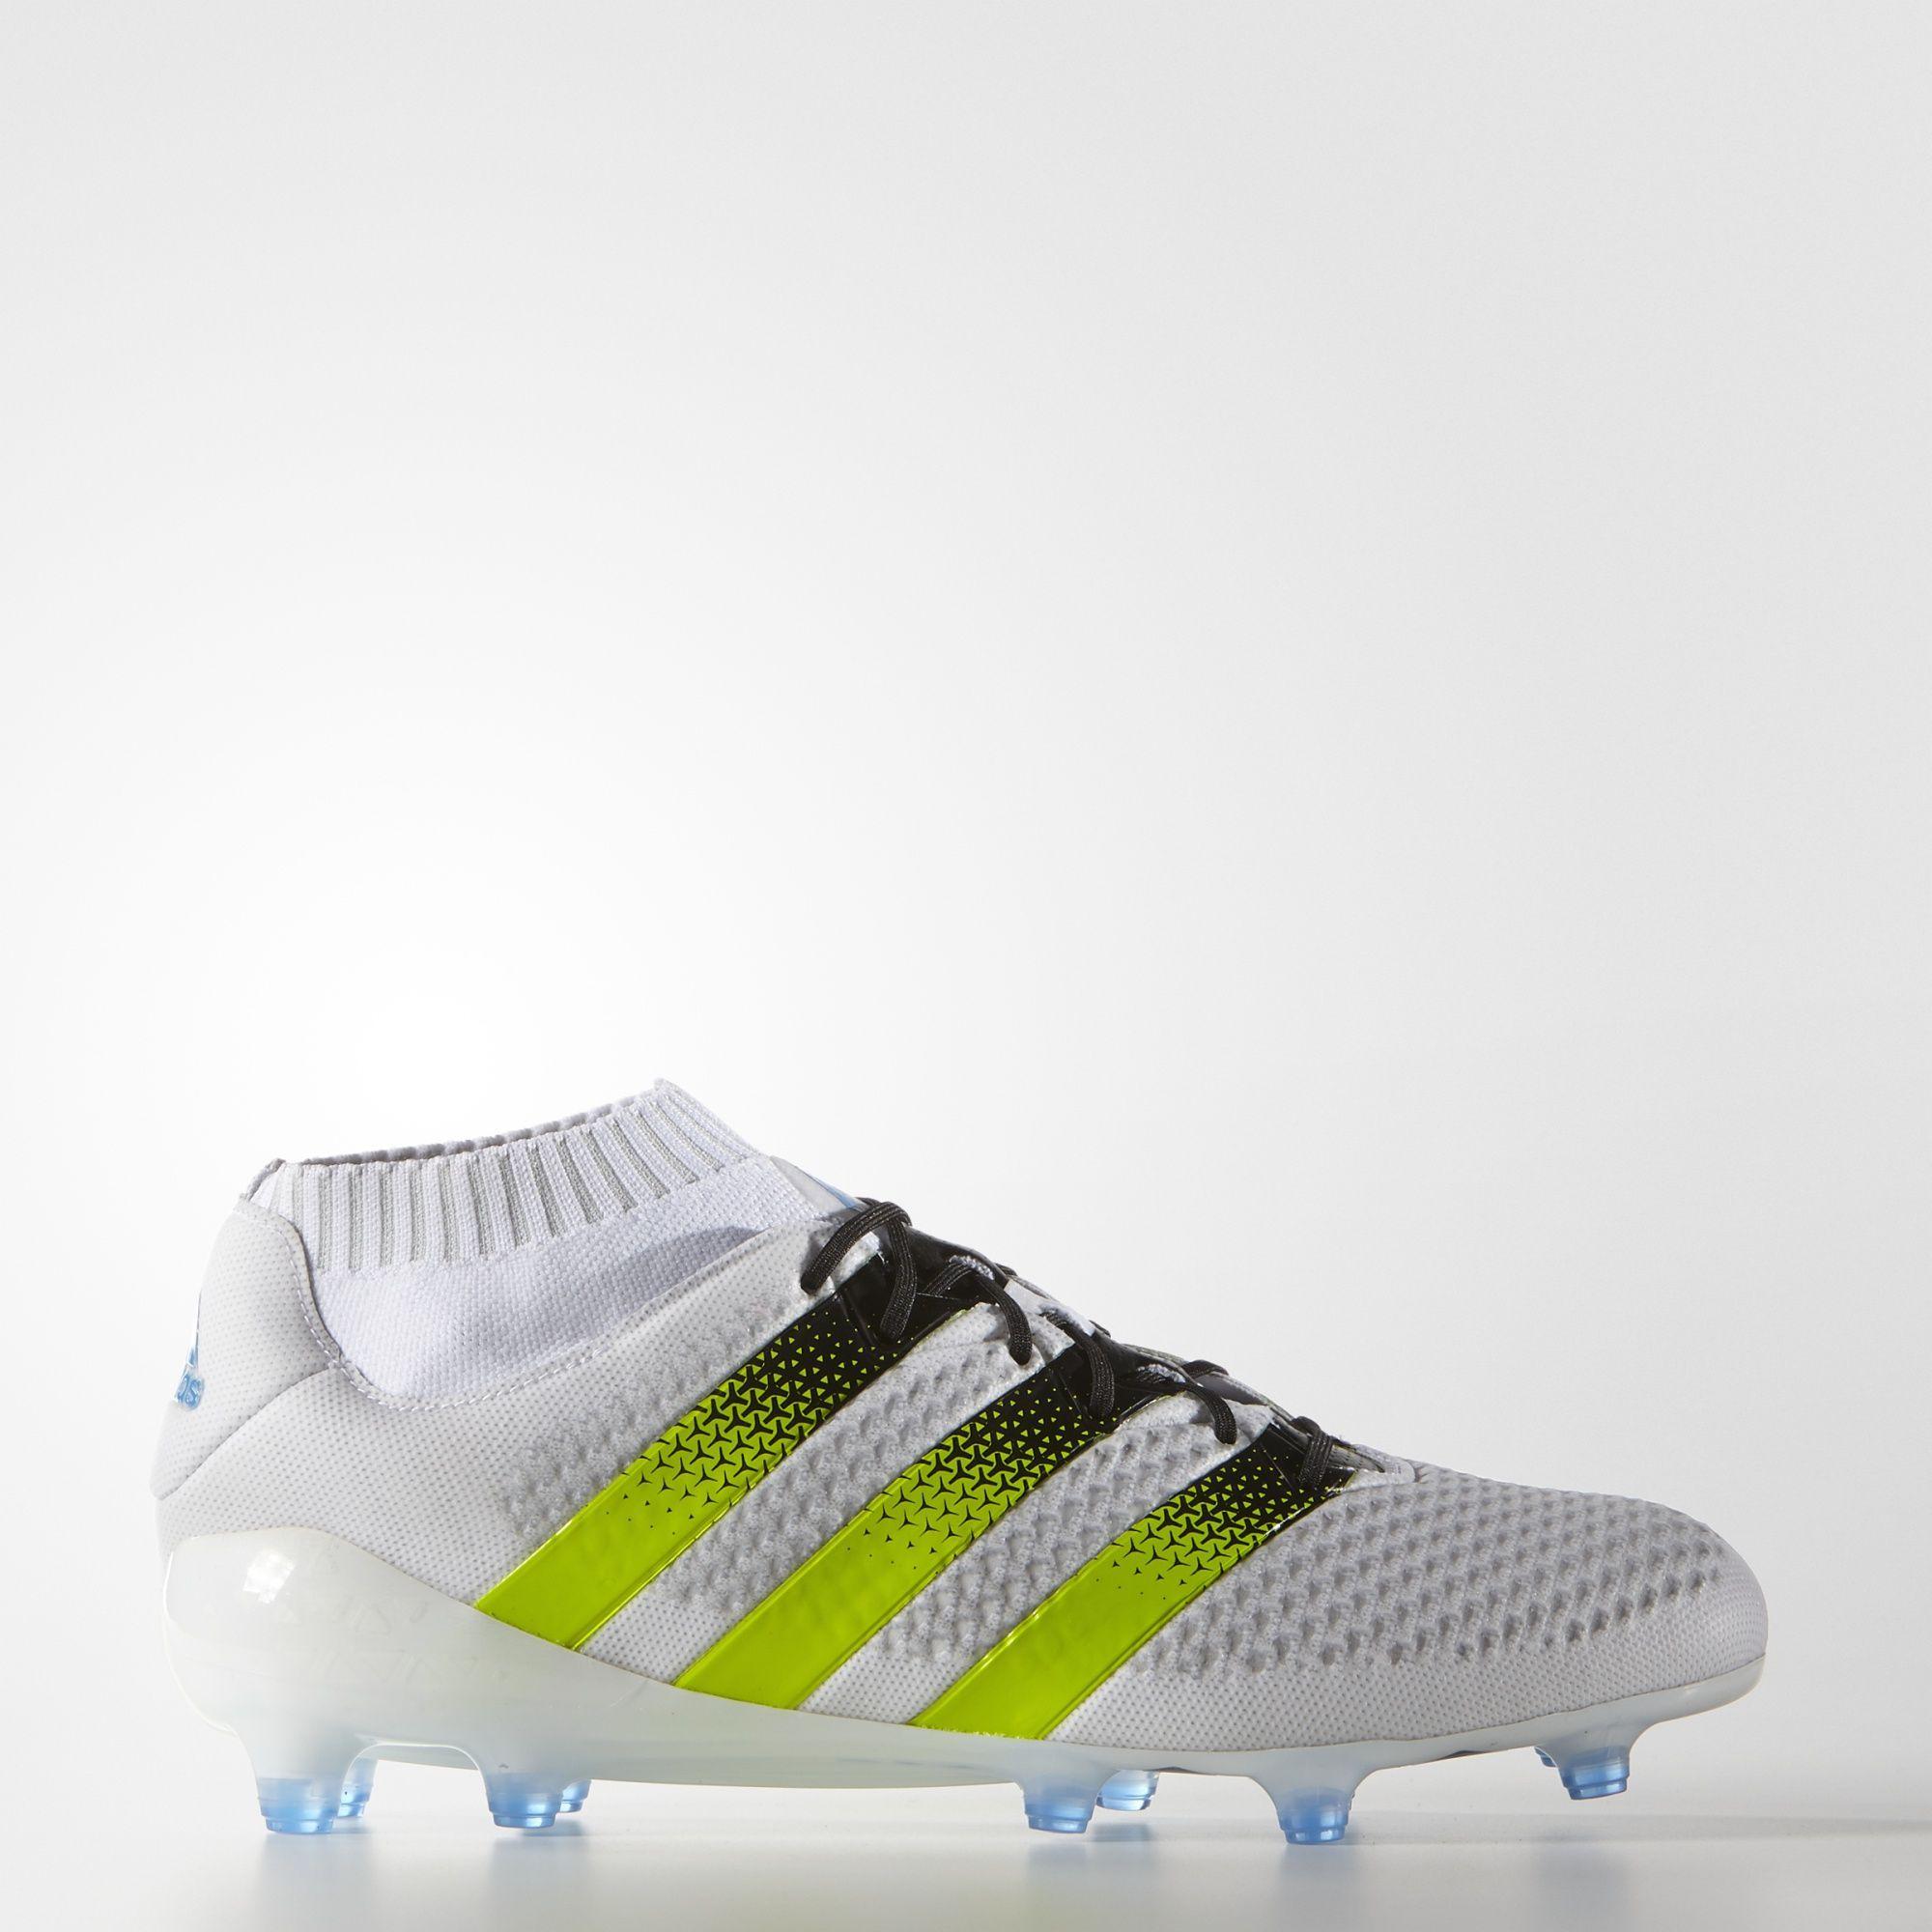 Herren Adidas ACE 16.1 Primeknit Firm Ground Fussballschuhe Weiß Solar Gold Shock Rosa Einzigartig Designed